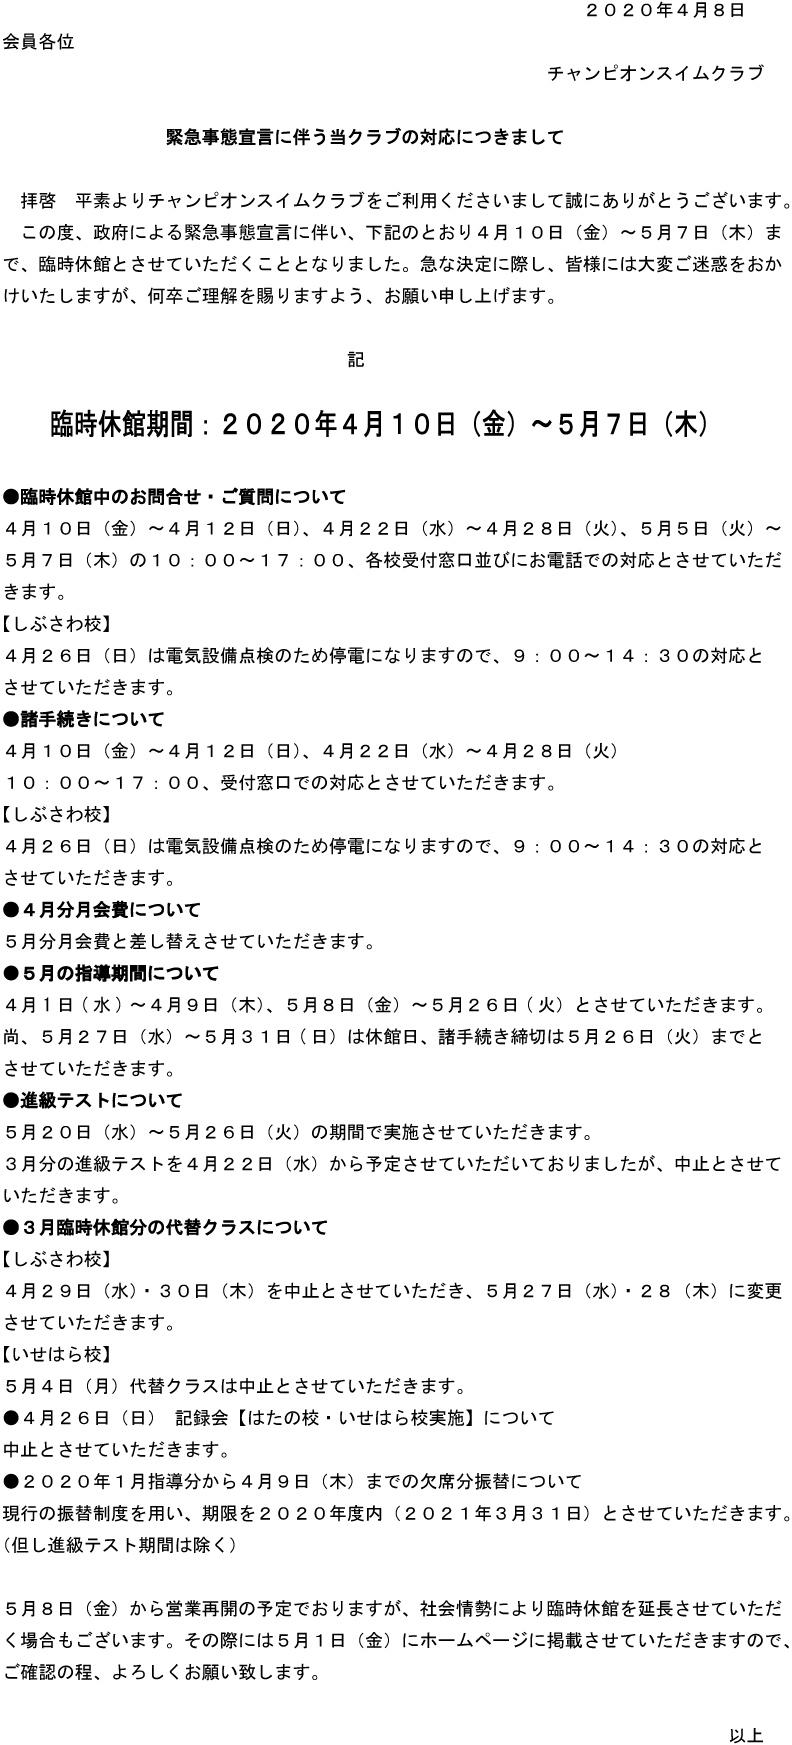 4月26日訂正緊急事態宣言に伴う対応について